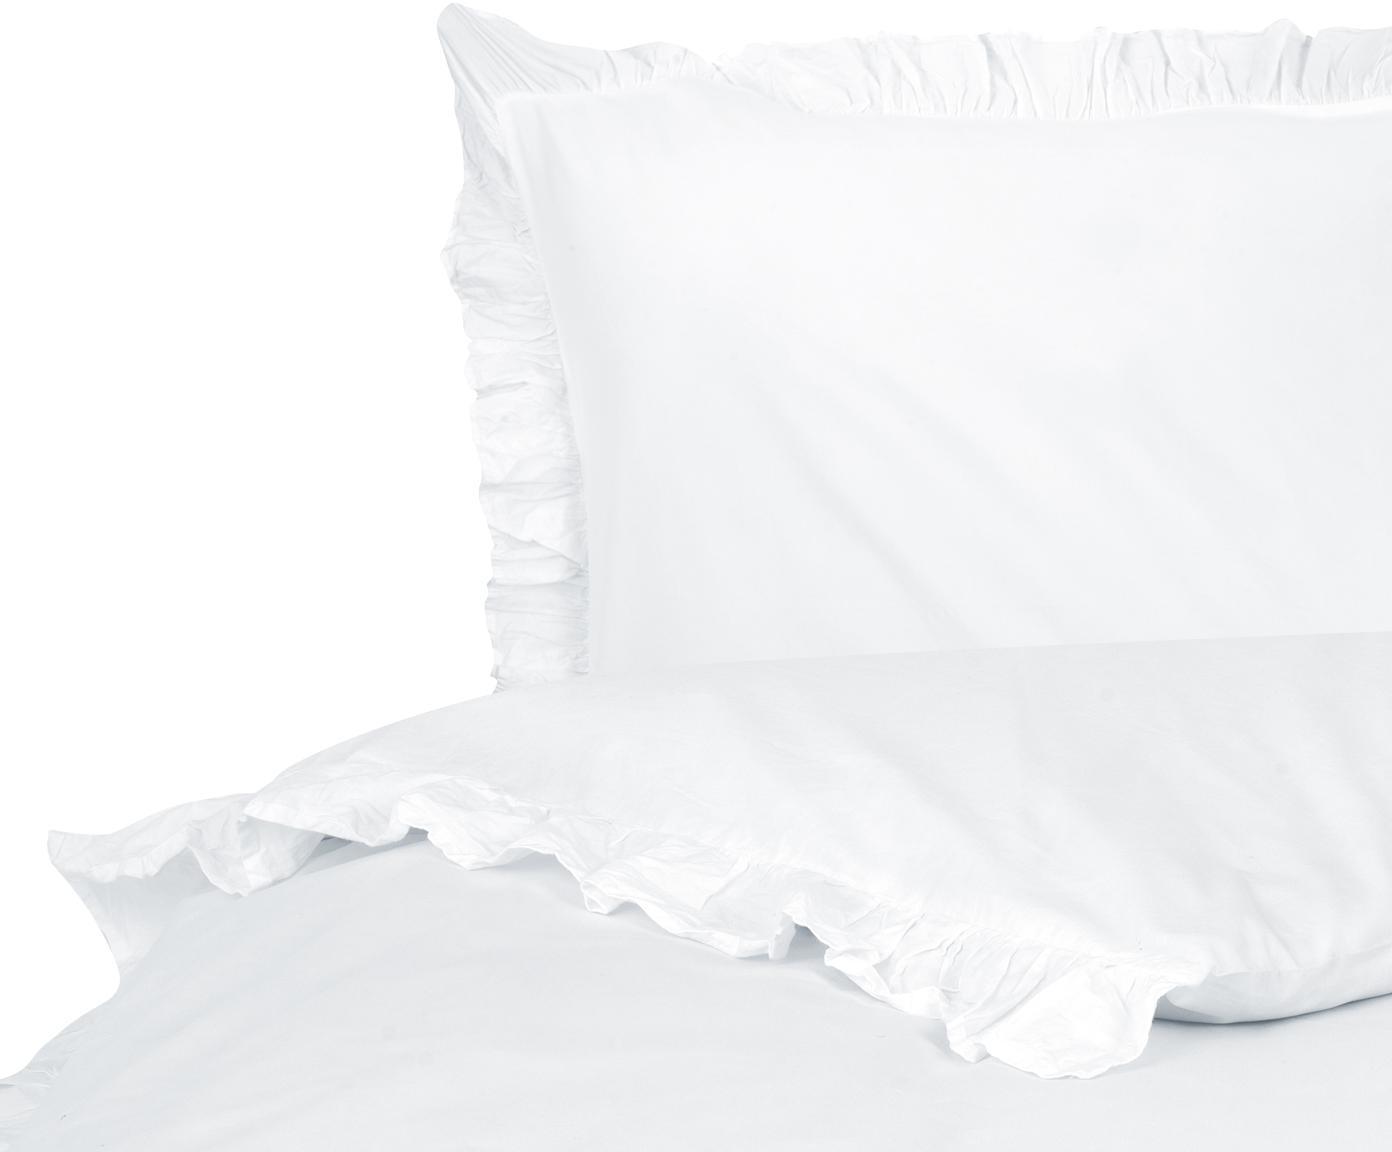 Gewaschene Baumwoll-Bettwäsche Florence mit Rüschen, Webart: Perkal Fadendichte 180 TC, Weiss, 135 x 200 cm + 1 Kissen 80 x 80 cm